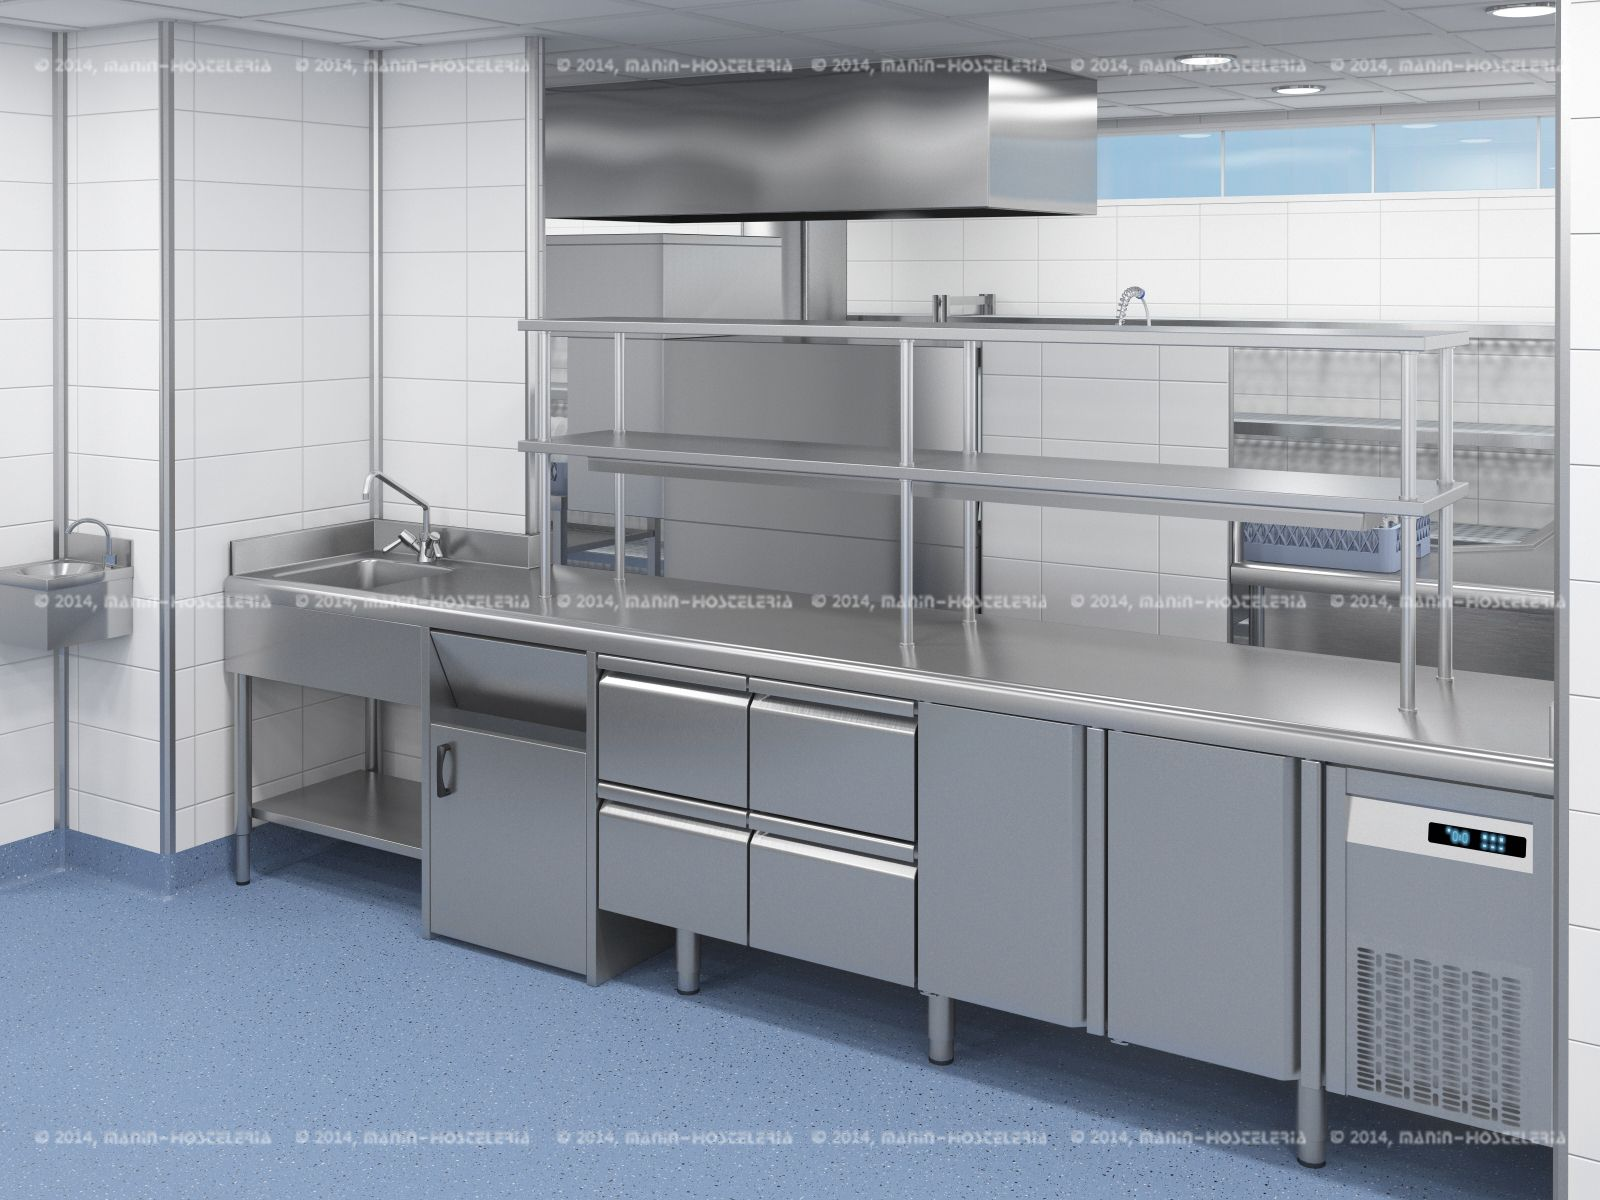 dise o de cocina industrial en 3d y cad con rea